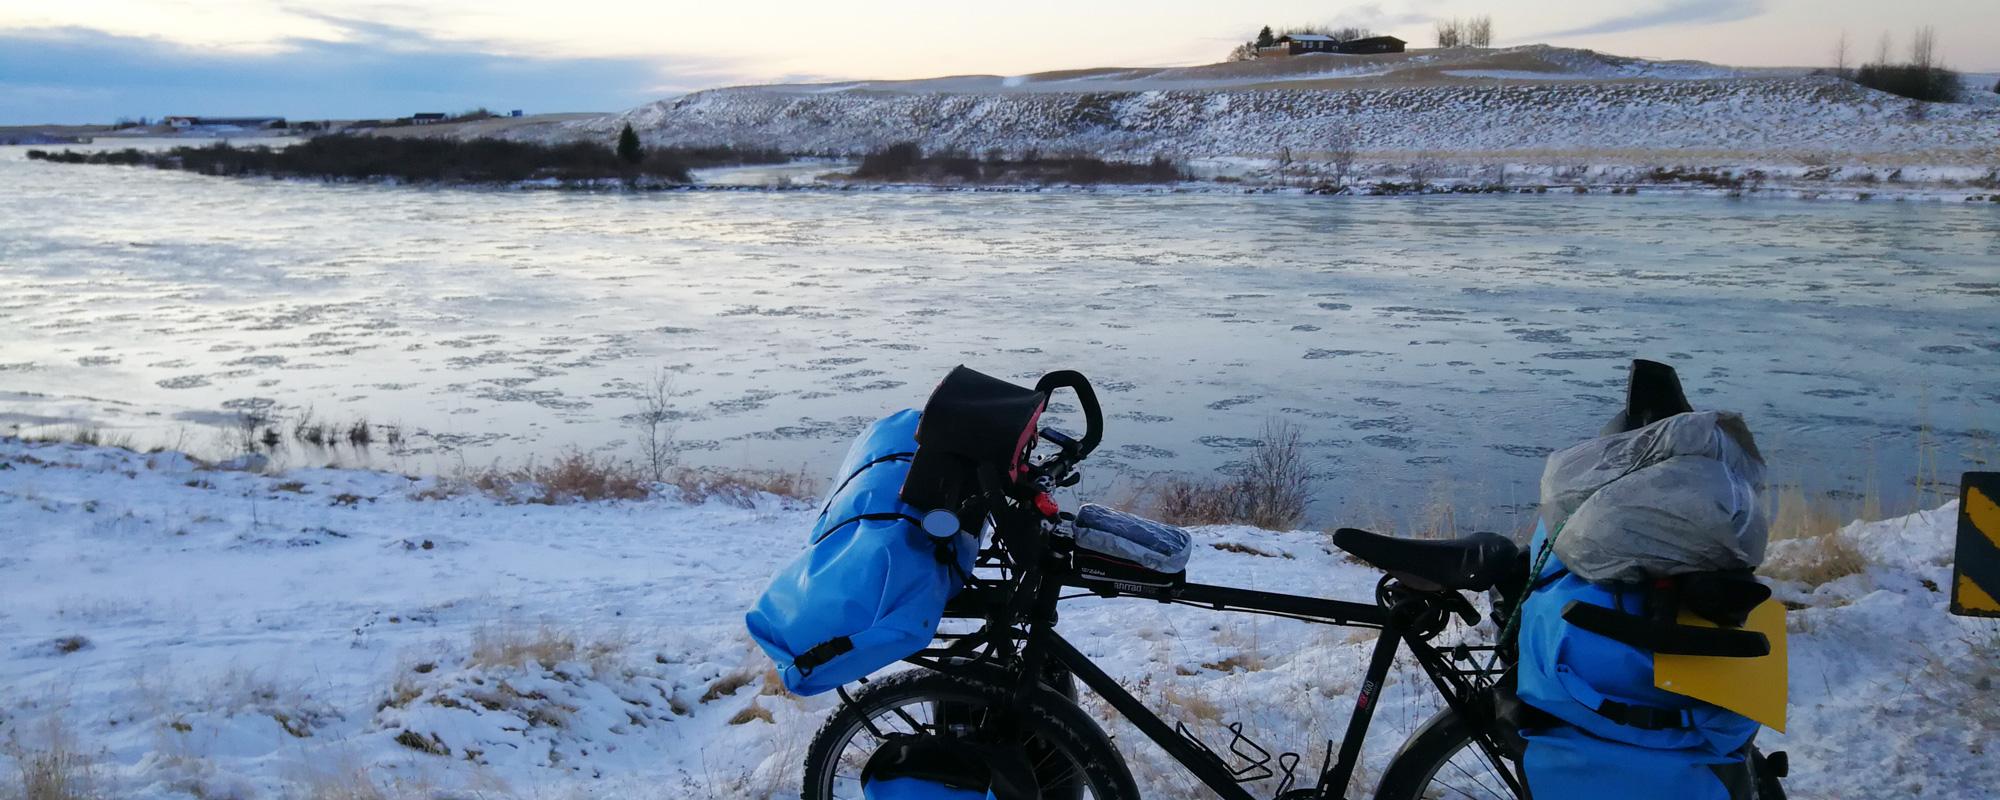 En Islande à vélo en hiver 2017/2018 , en bordure de rivière dans le Nord